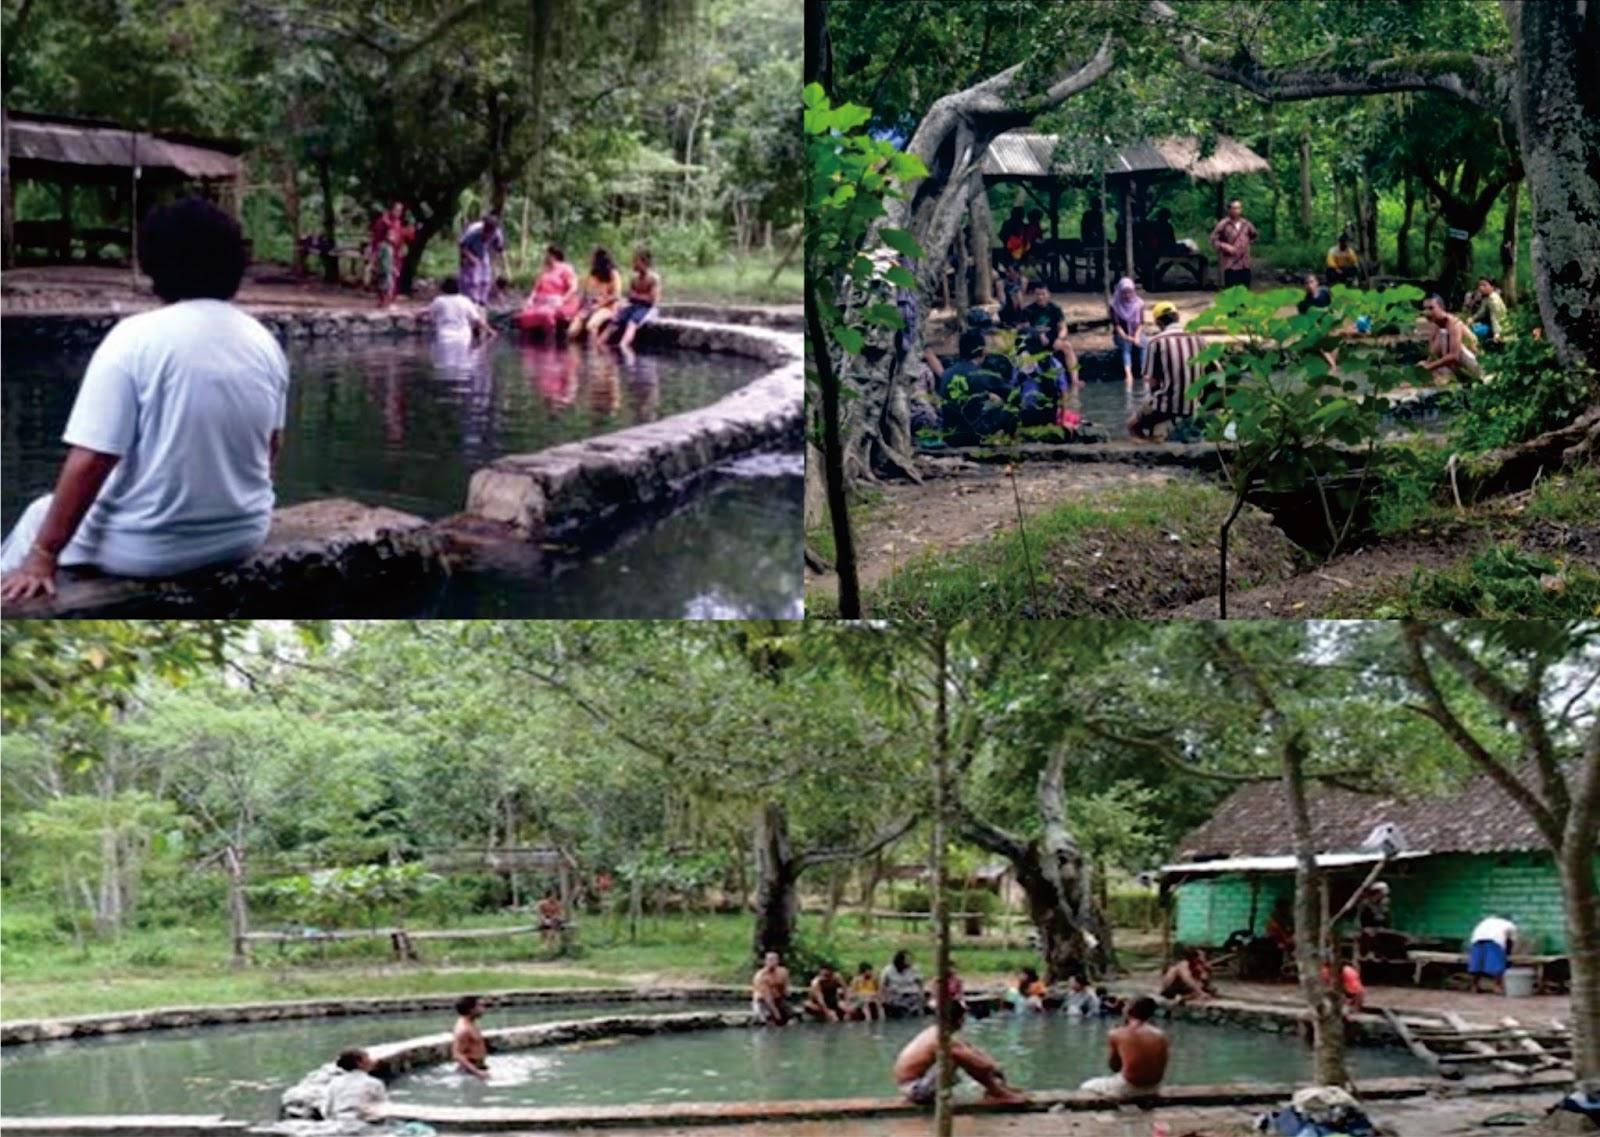 Pemandian Air Nganget P Hangat Desa Sidorejo Kecamatan Kenduruhan Kabupaten